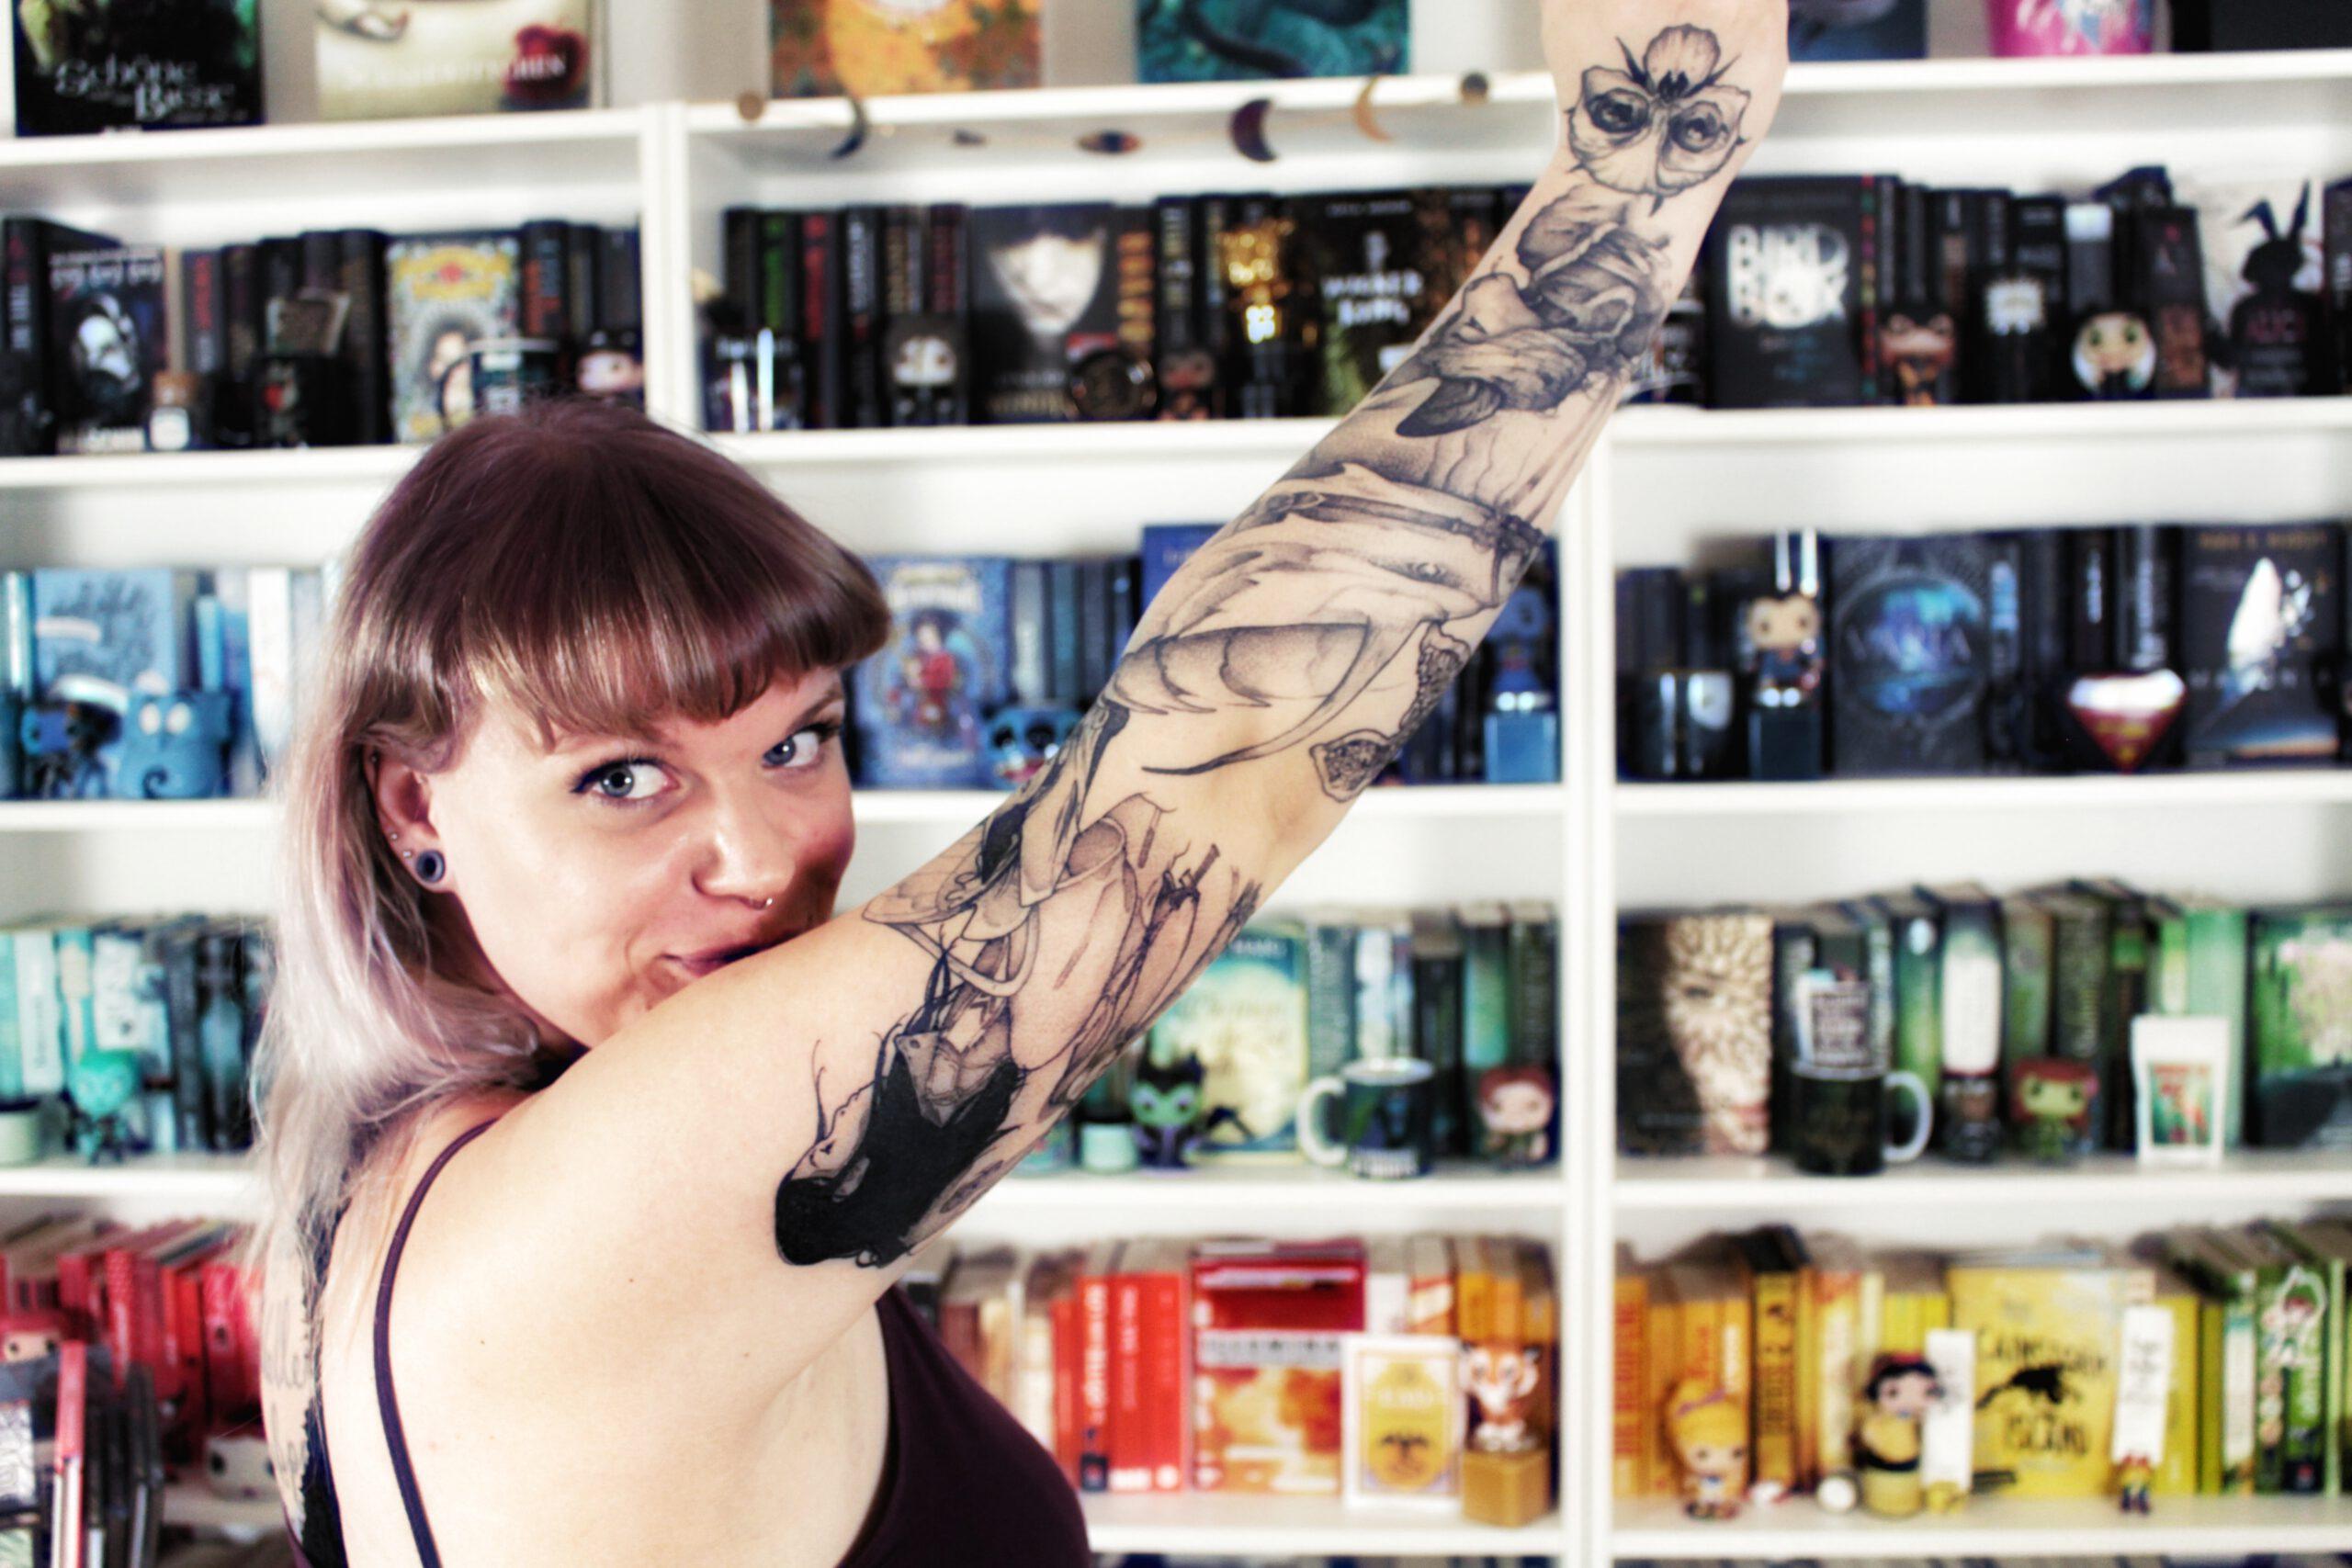 [Wochenrückblick] Tattoo Projekt